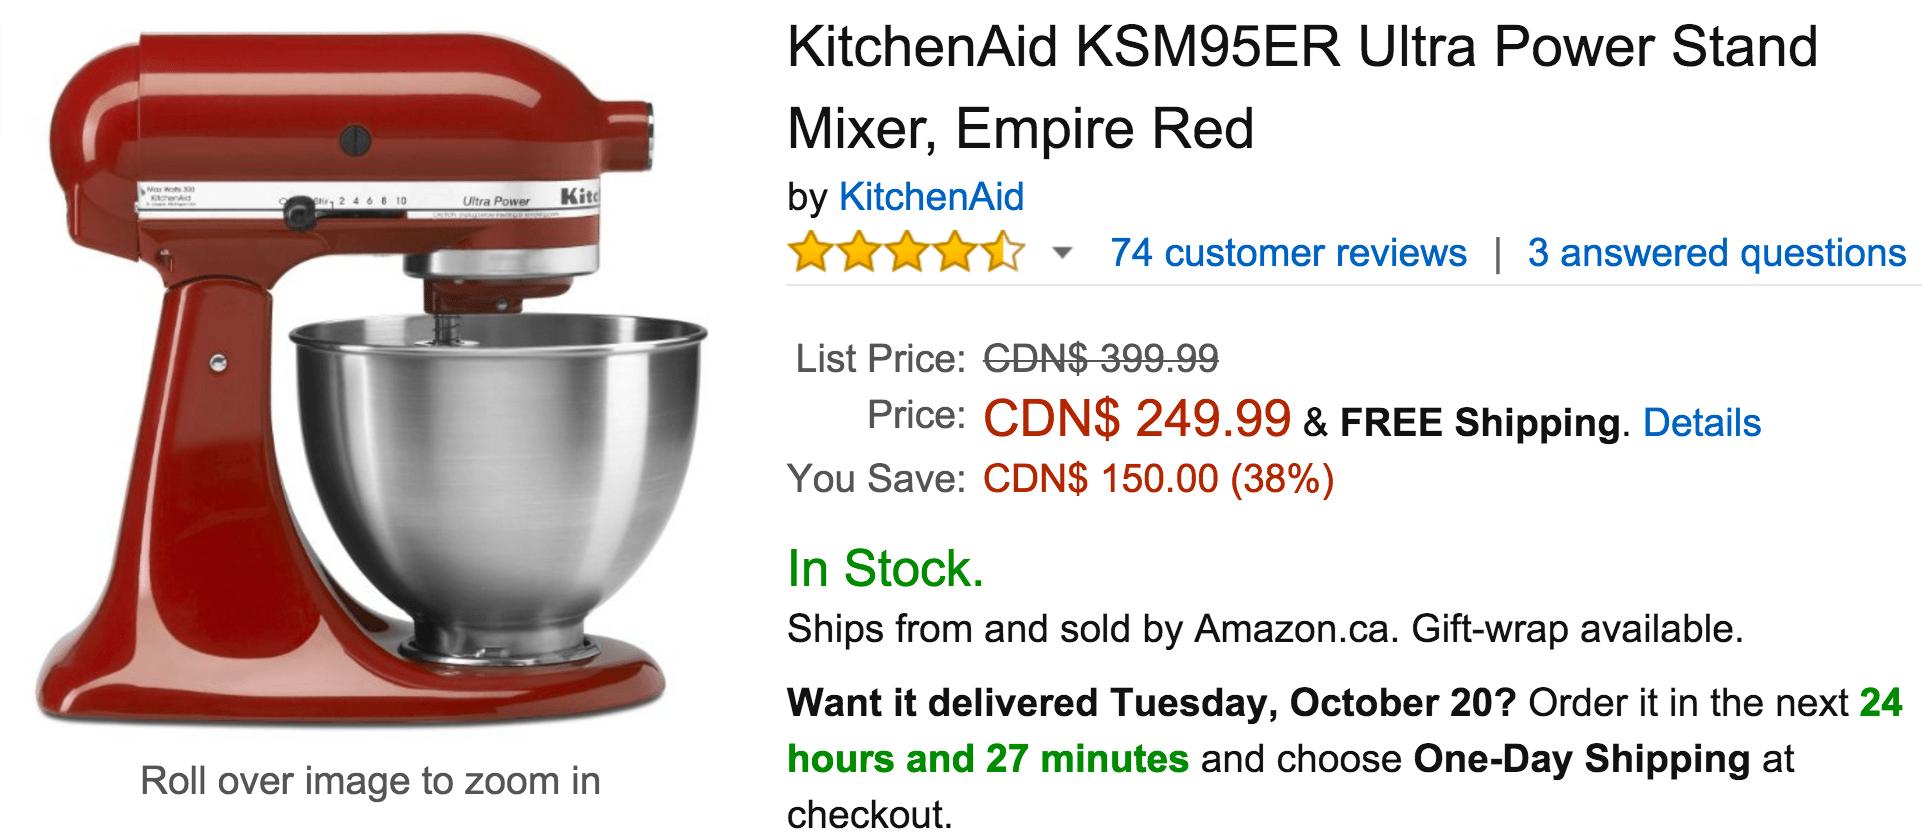 Kitchenaid coupons discounts